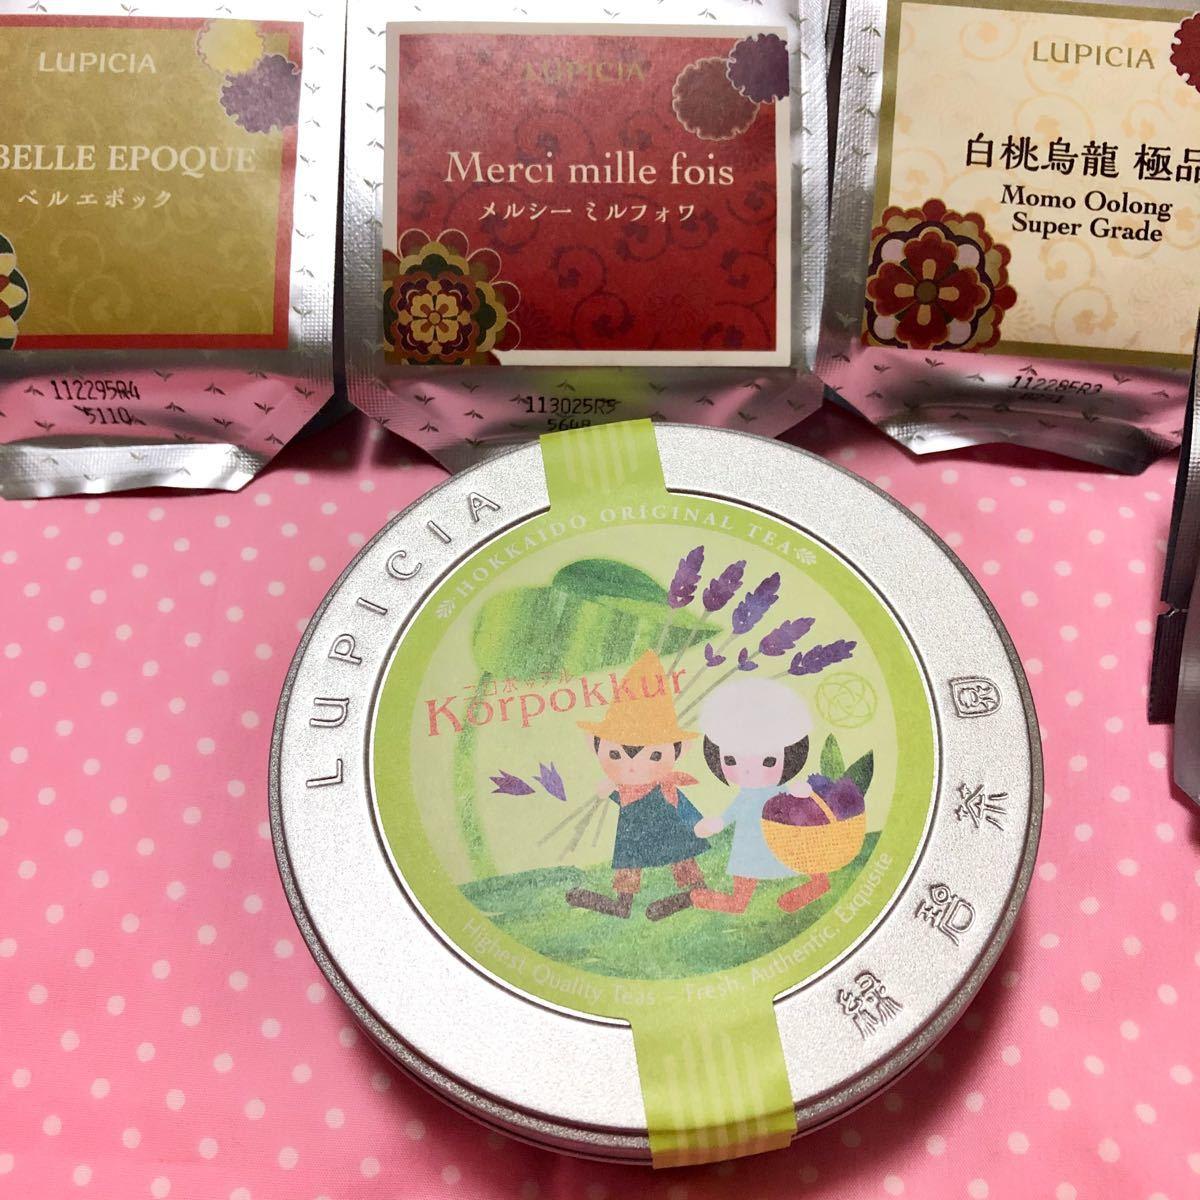 【新品未開封】ルピシアKORPOKKUR 50g 北海道地区限定デザインラベル缶入と迎春リーフ3種詰め合わせセット